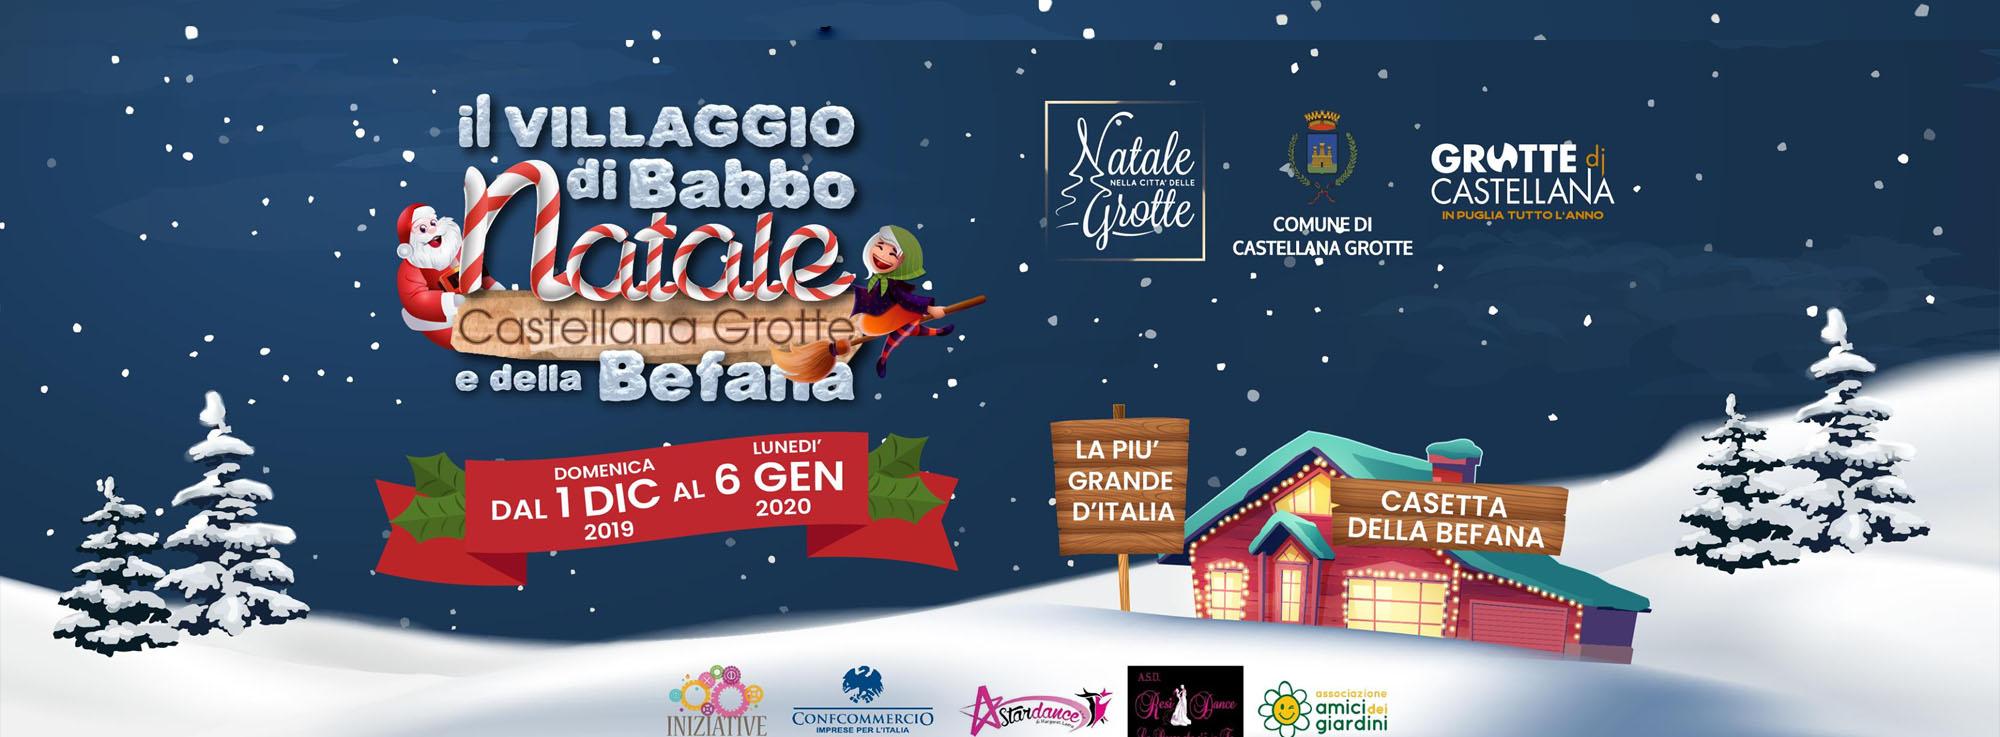 Castellana Grotte: Il Villaggio di Babbo Natale